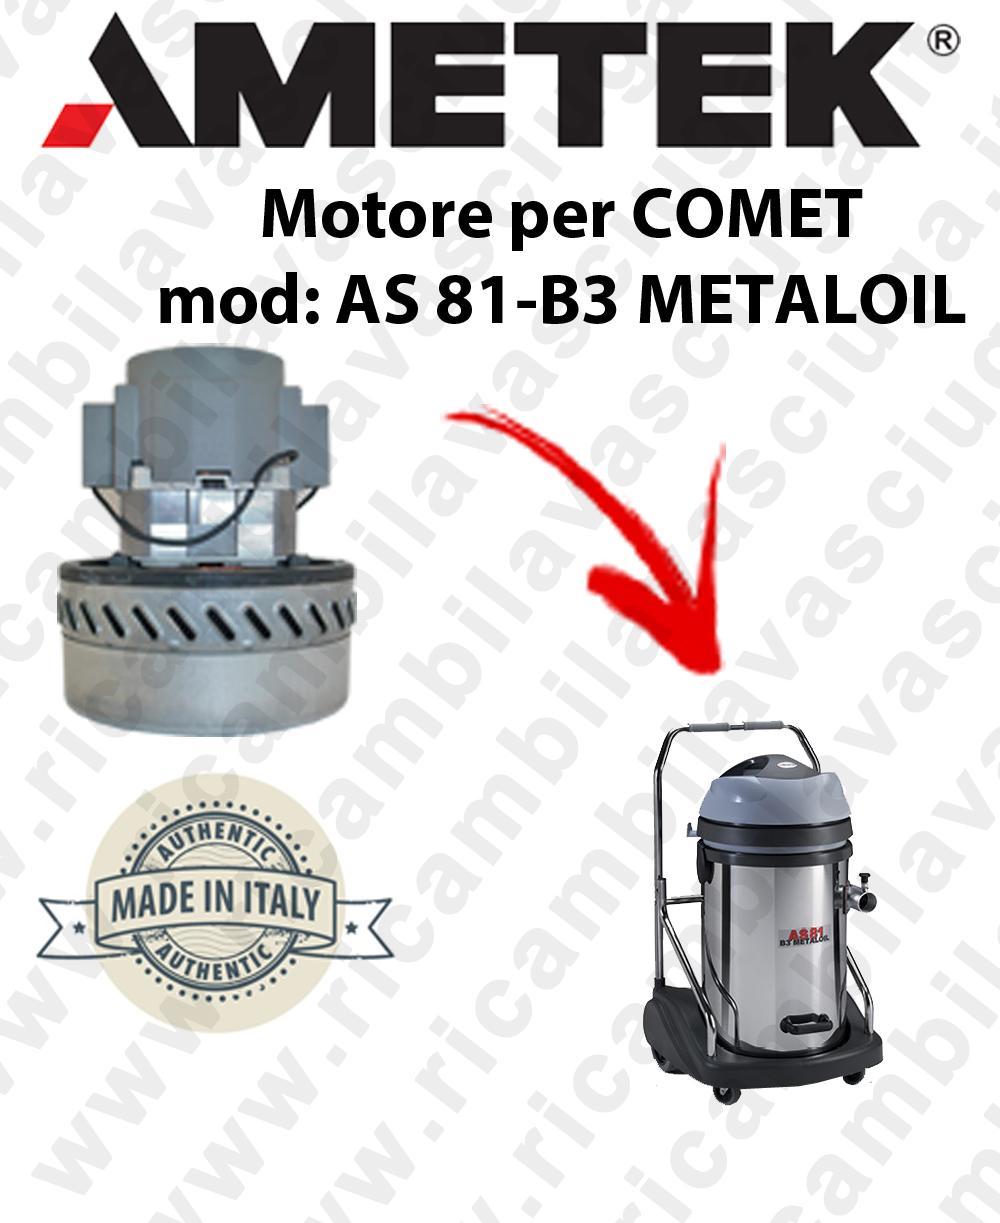 AS 81-B3 METALOIL moteur aspiration  AMETEK ITALIA pour aspirateur à eau COMET